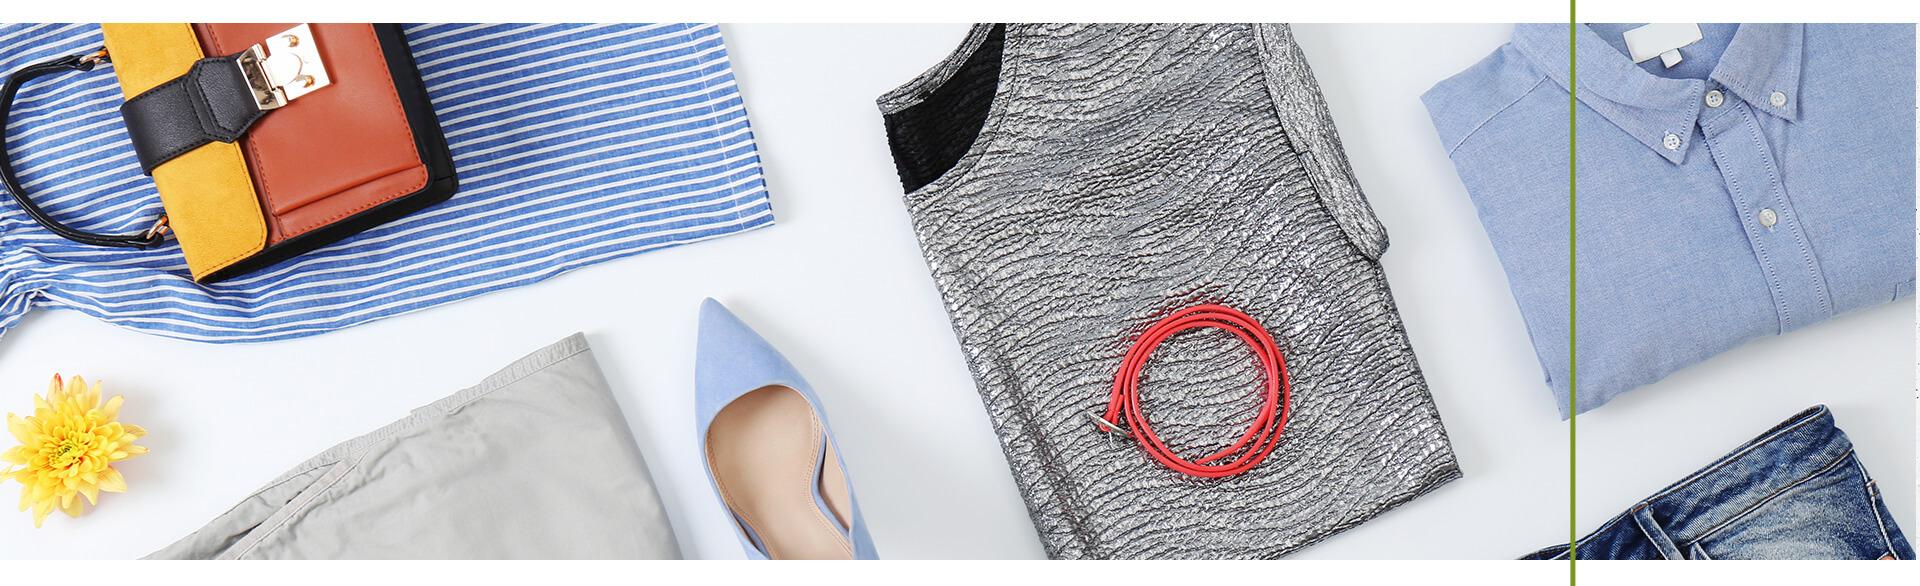 Ubrania z tkanin z recyklingu